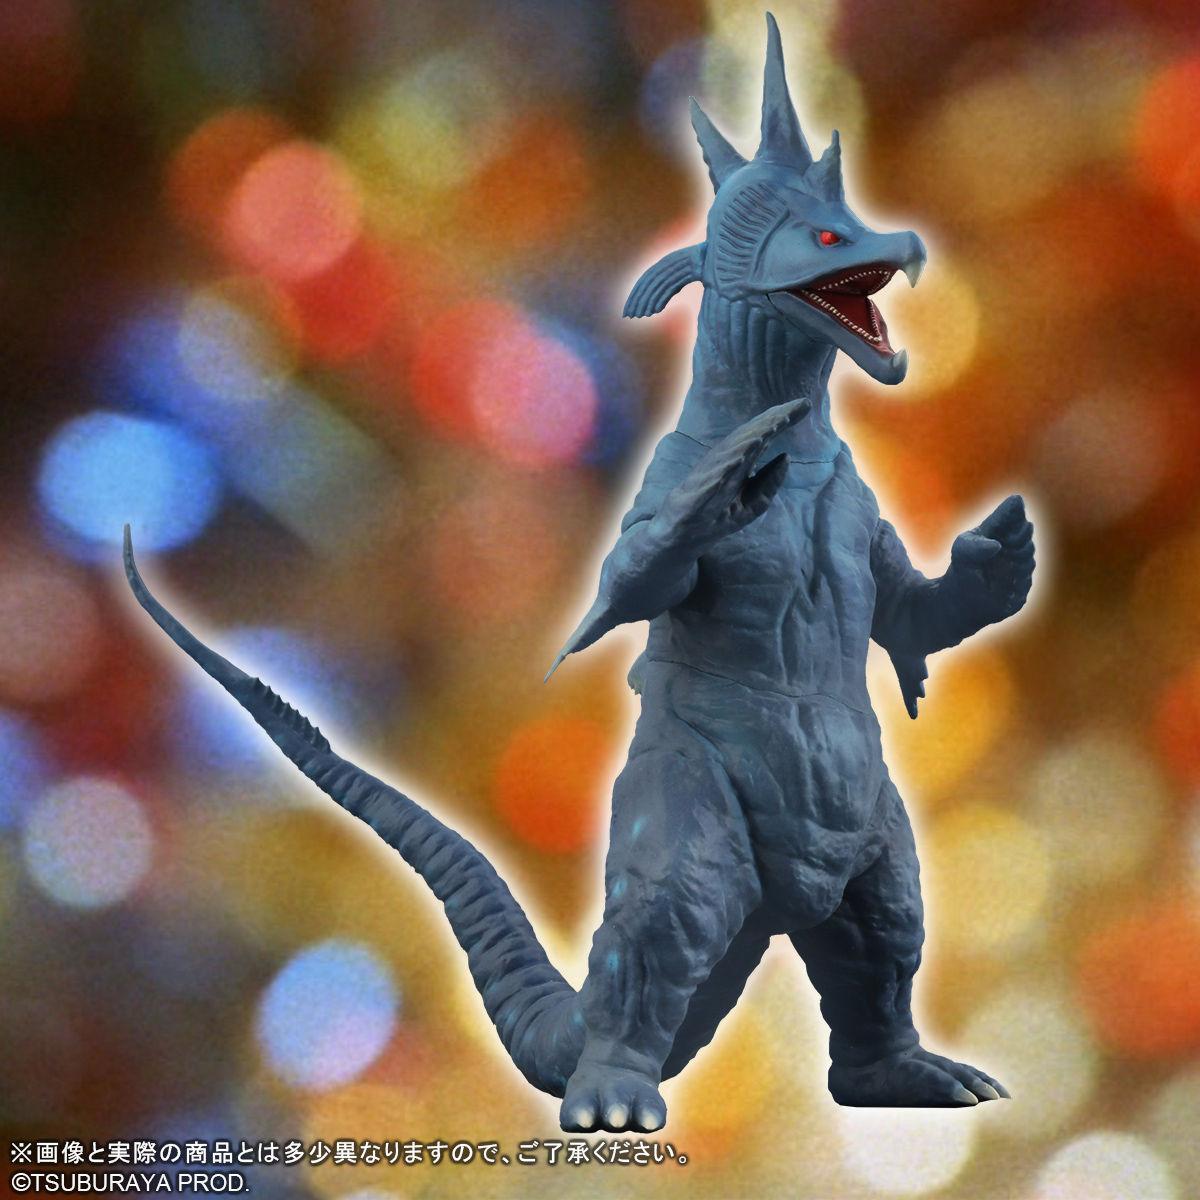 【限定販売】ウルトラ大怪獣シリーズ5000『ガボラ/ムルチ』完成品フィギュア-008